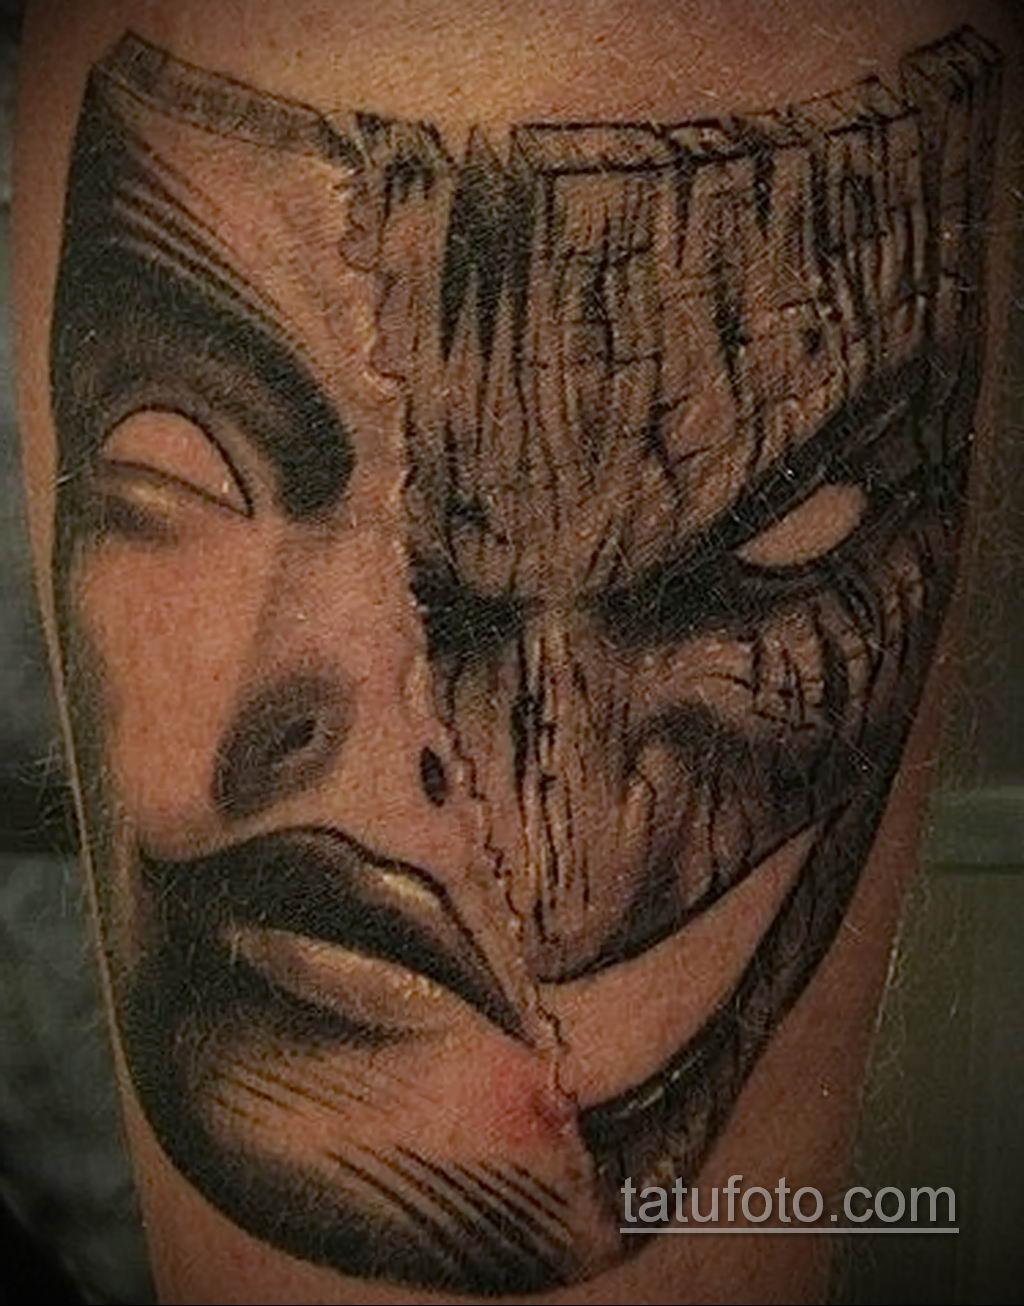 Фото тату театральные маски 09.09.2019 №058 - tattoo theater masks - tatufoto.com